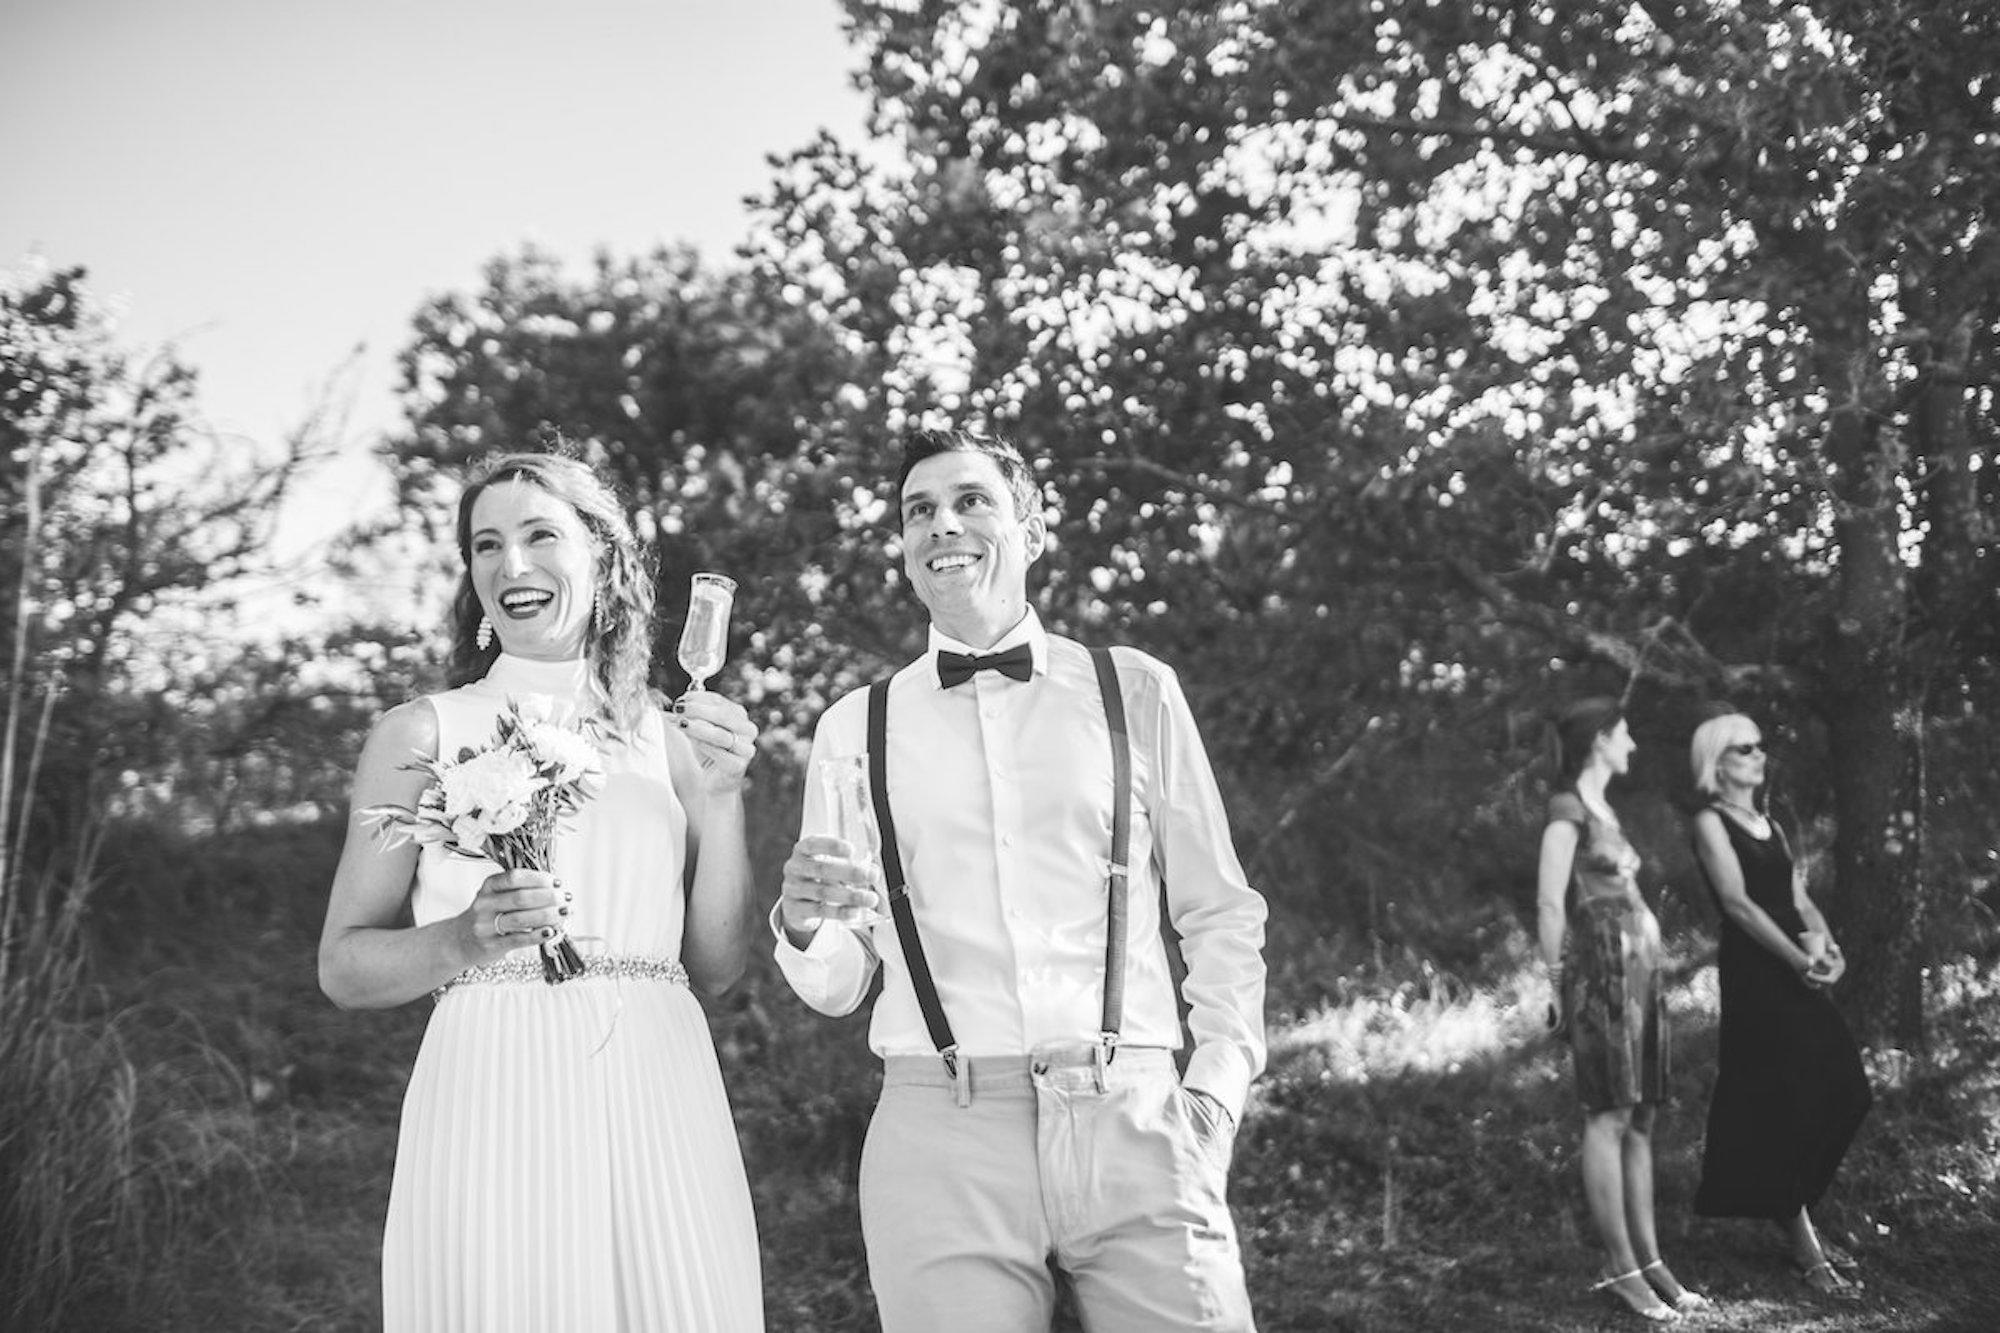 le coeur dans les etoiles - wedding planner - gard - provence - mariage provence - L&C - sebastien cabanes - cocktail maries